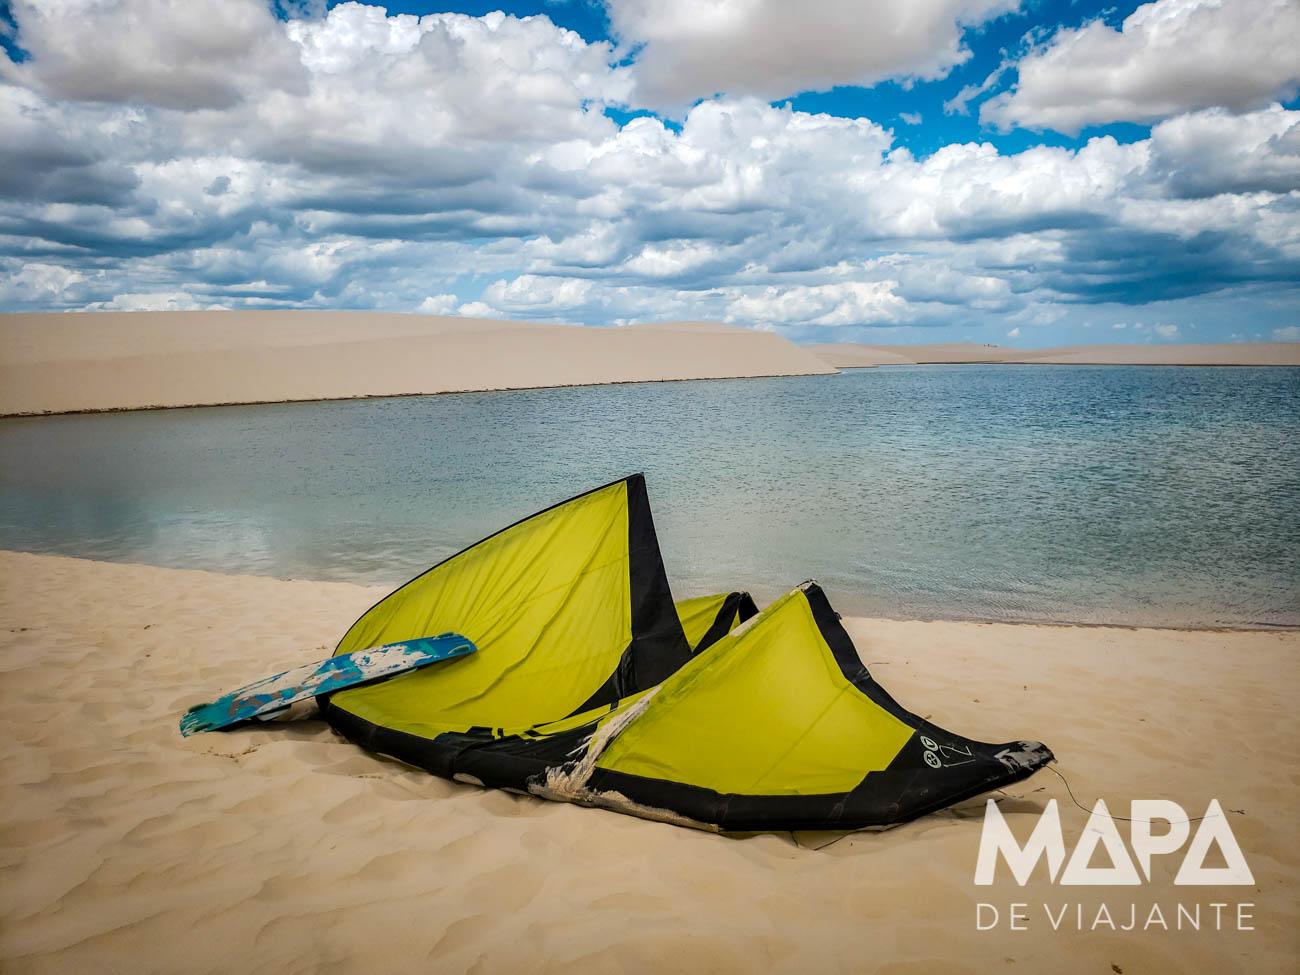 Lagoa do kite Canto de Atins Lençóis Maranhenses